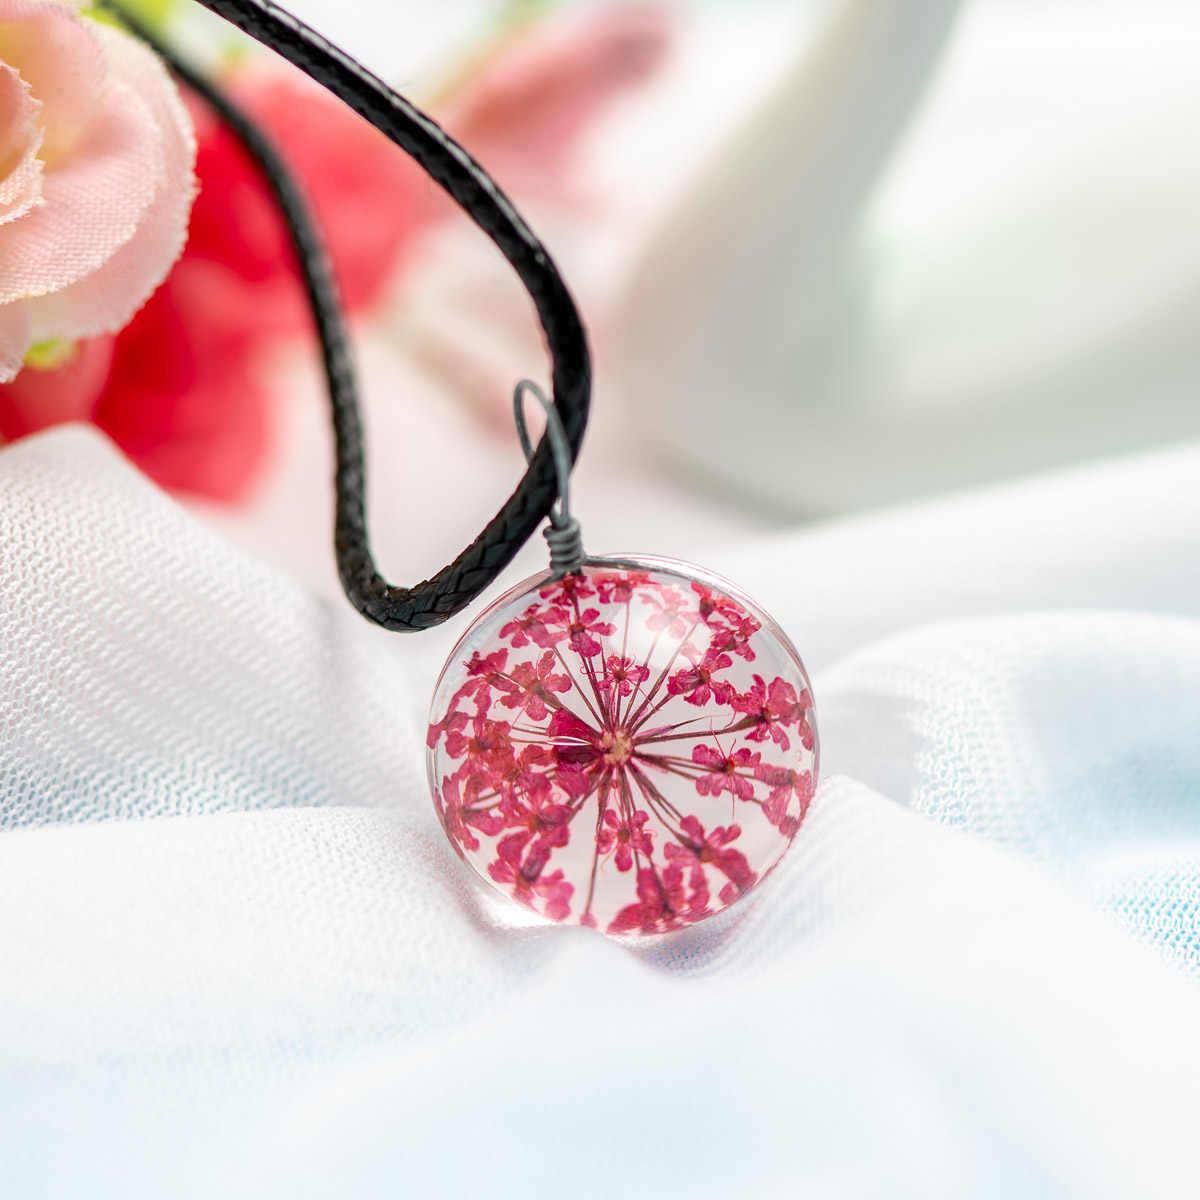 天然のタンポポ種子と葉ガラスペンダントネックレスチャーム女性時間宝石ネックレス # DY507